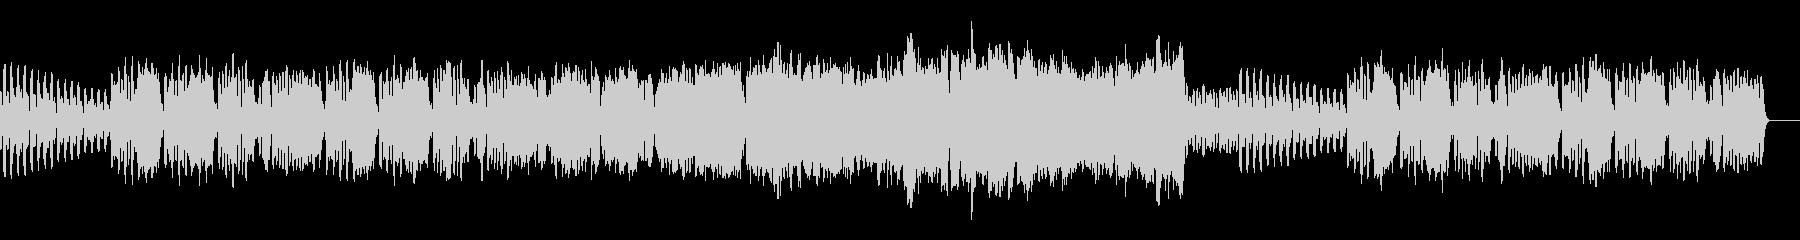 ほのぼのとしたトランペットのBGMの未再生の波形